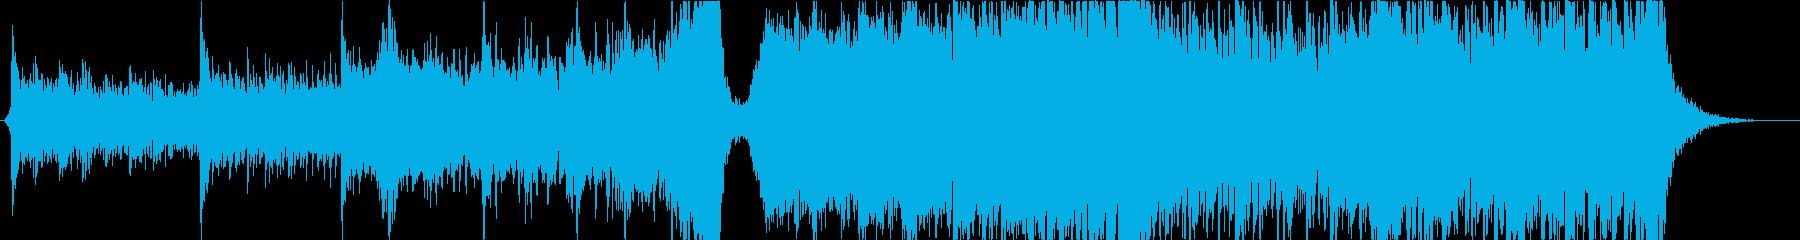 ポジティブ/上昇/Epic/オーケストラの再生済みの波形